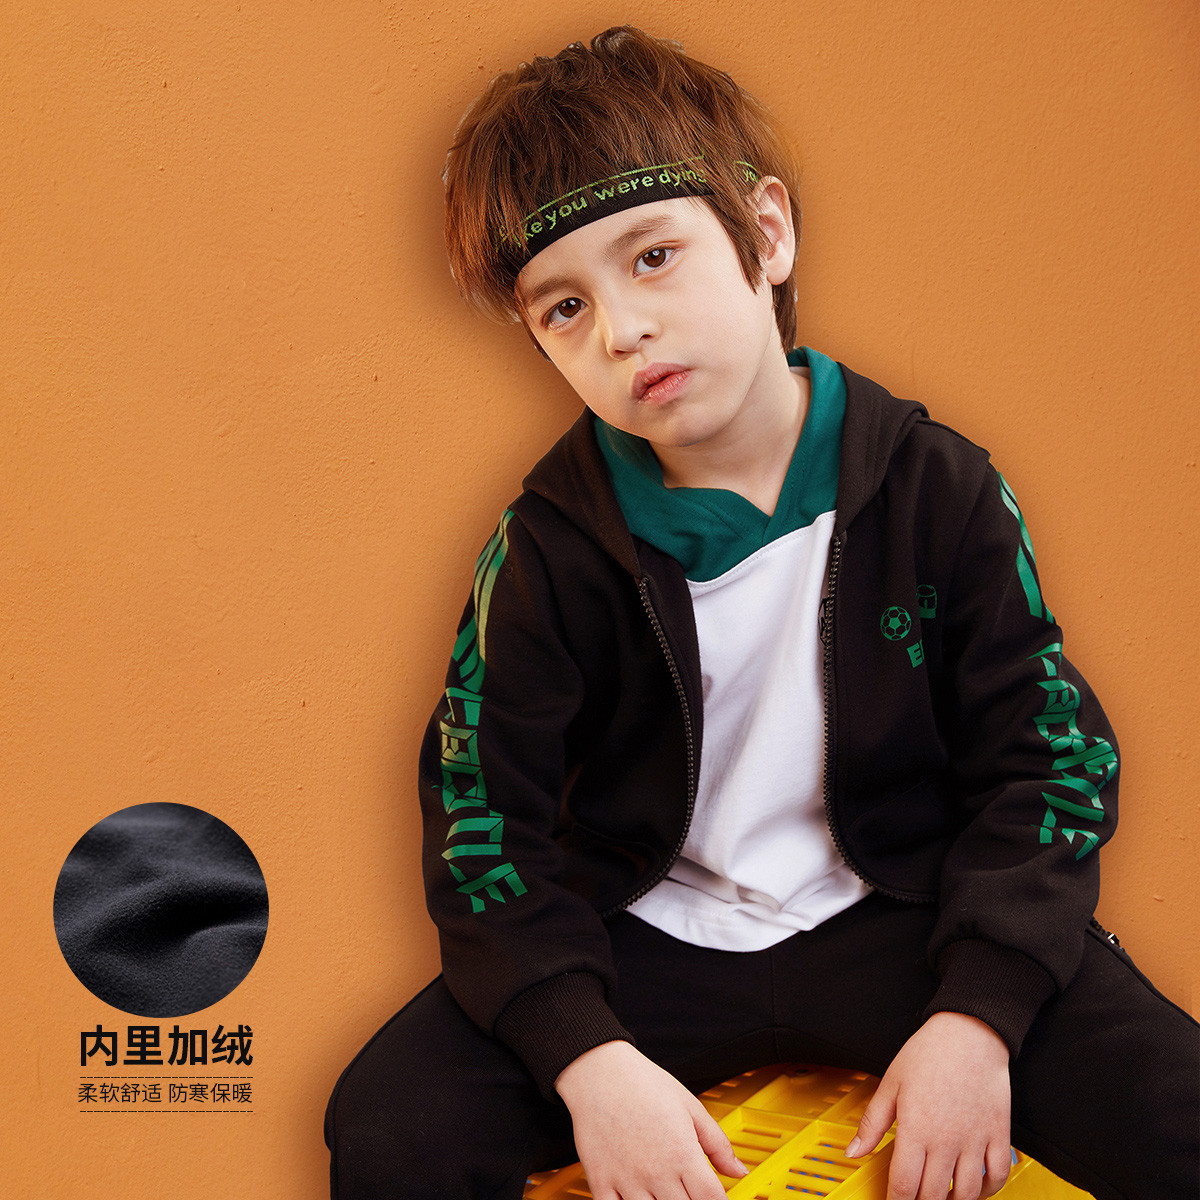 一贝皇城一贝皇城男童针织套装2019冬季新款儿童加绒加厚套装1119413008001